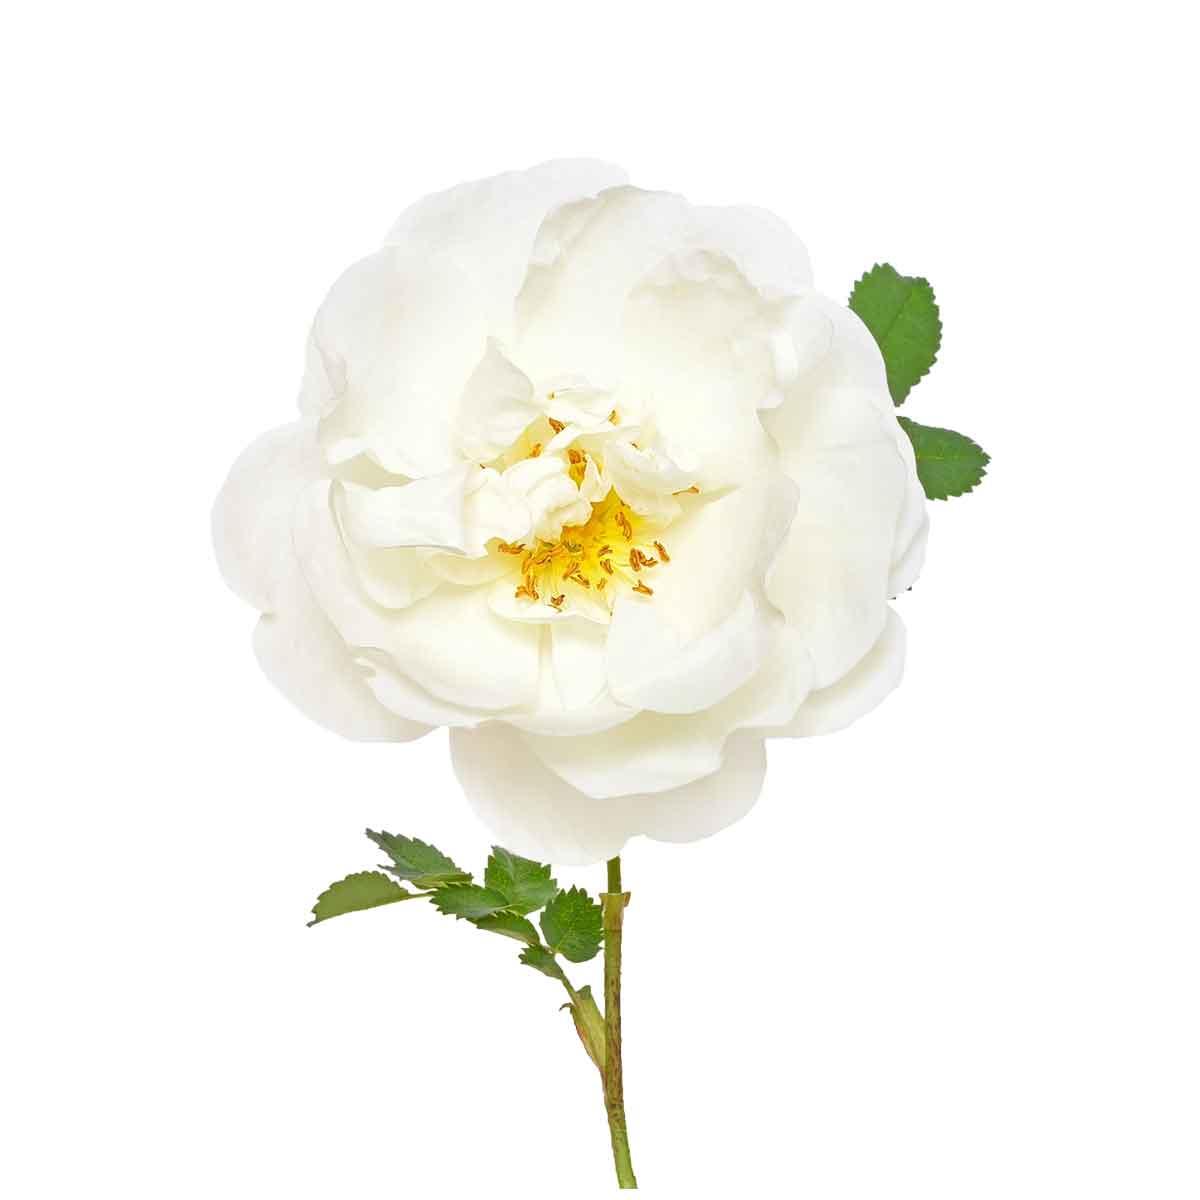 Botanical-Lucid-Mood-Calm-White-Rose.jpg